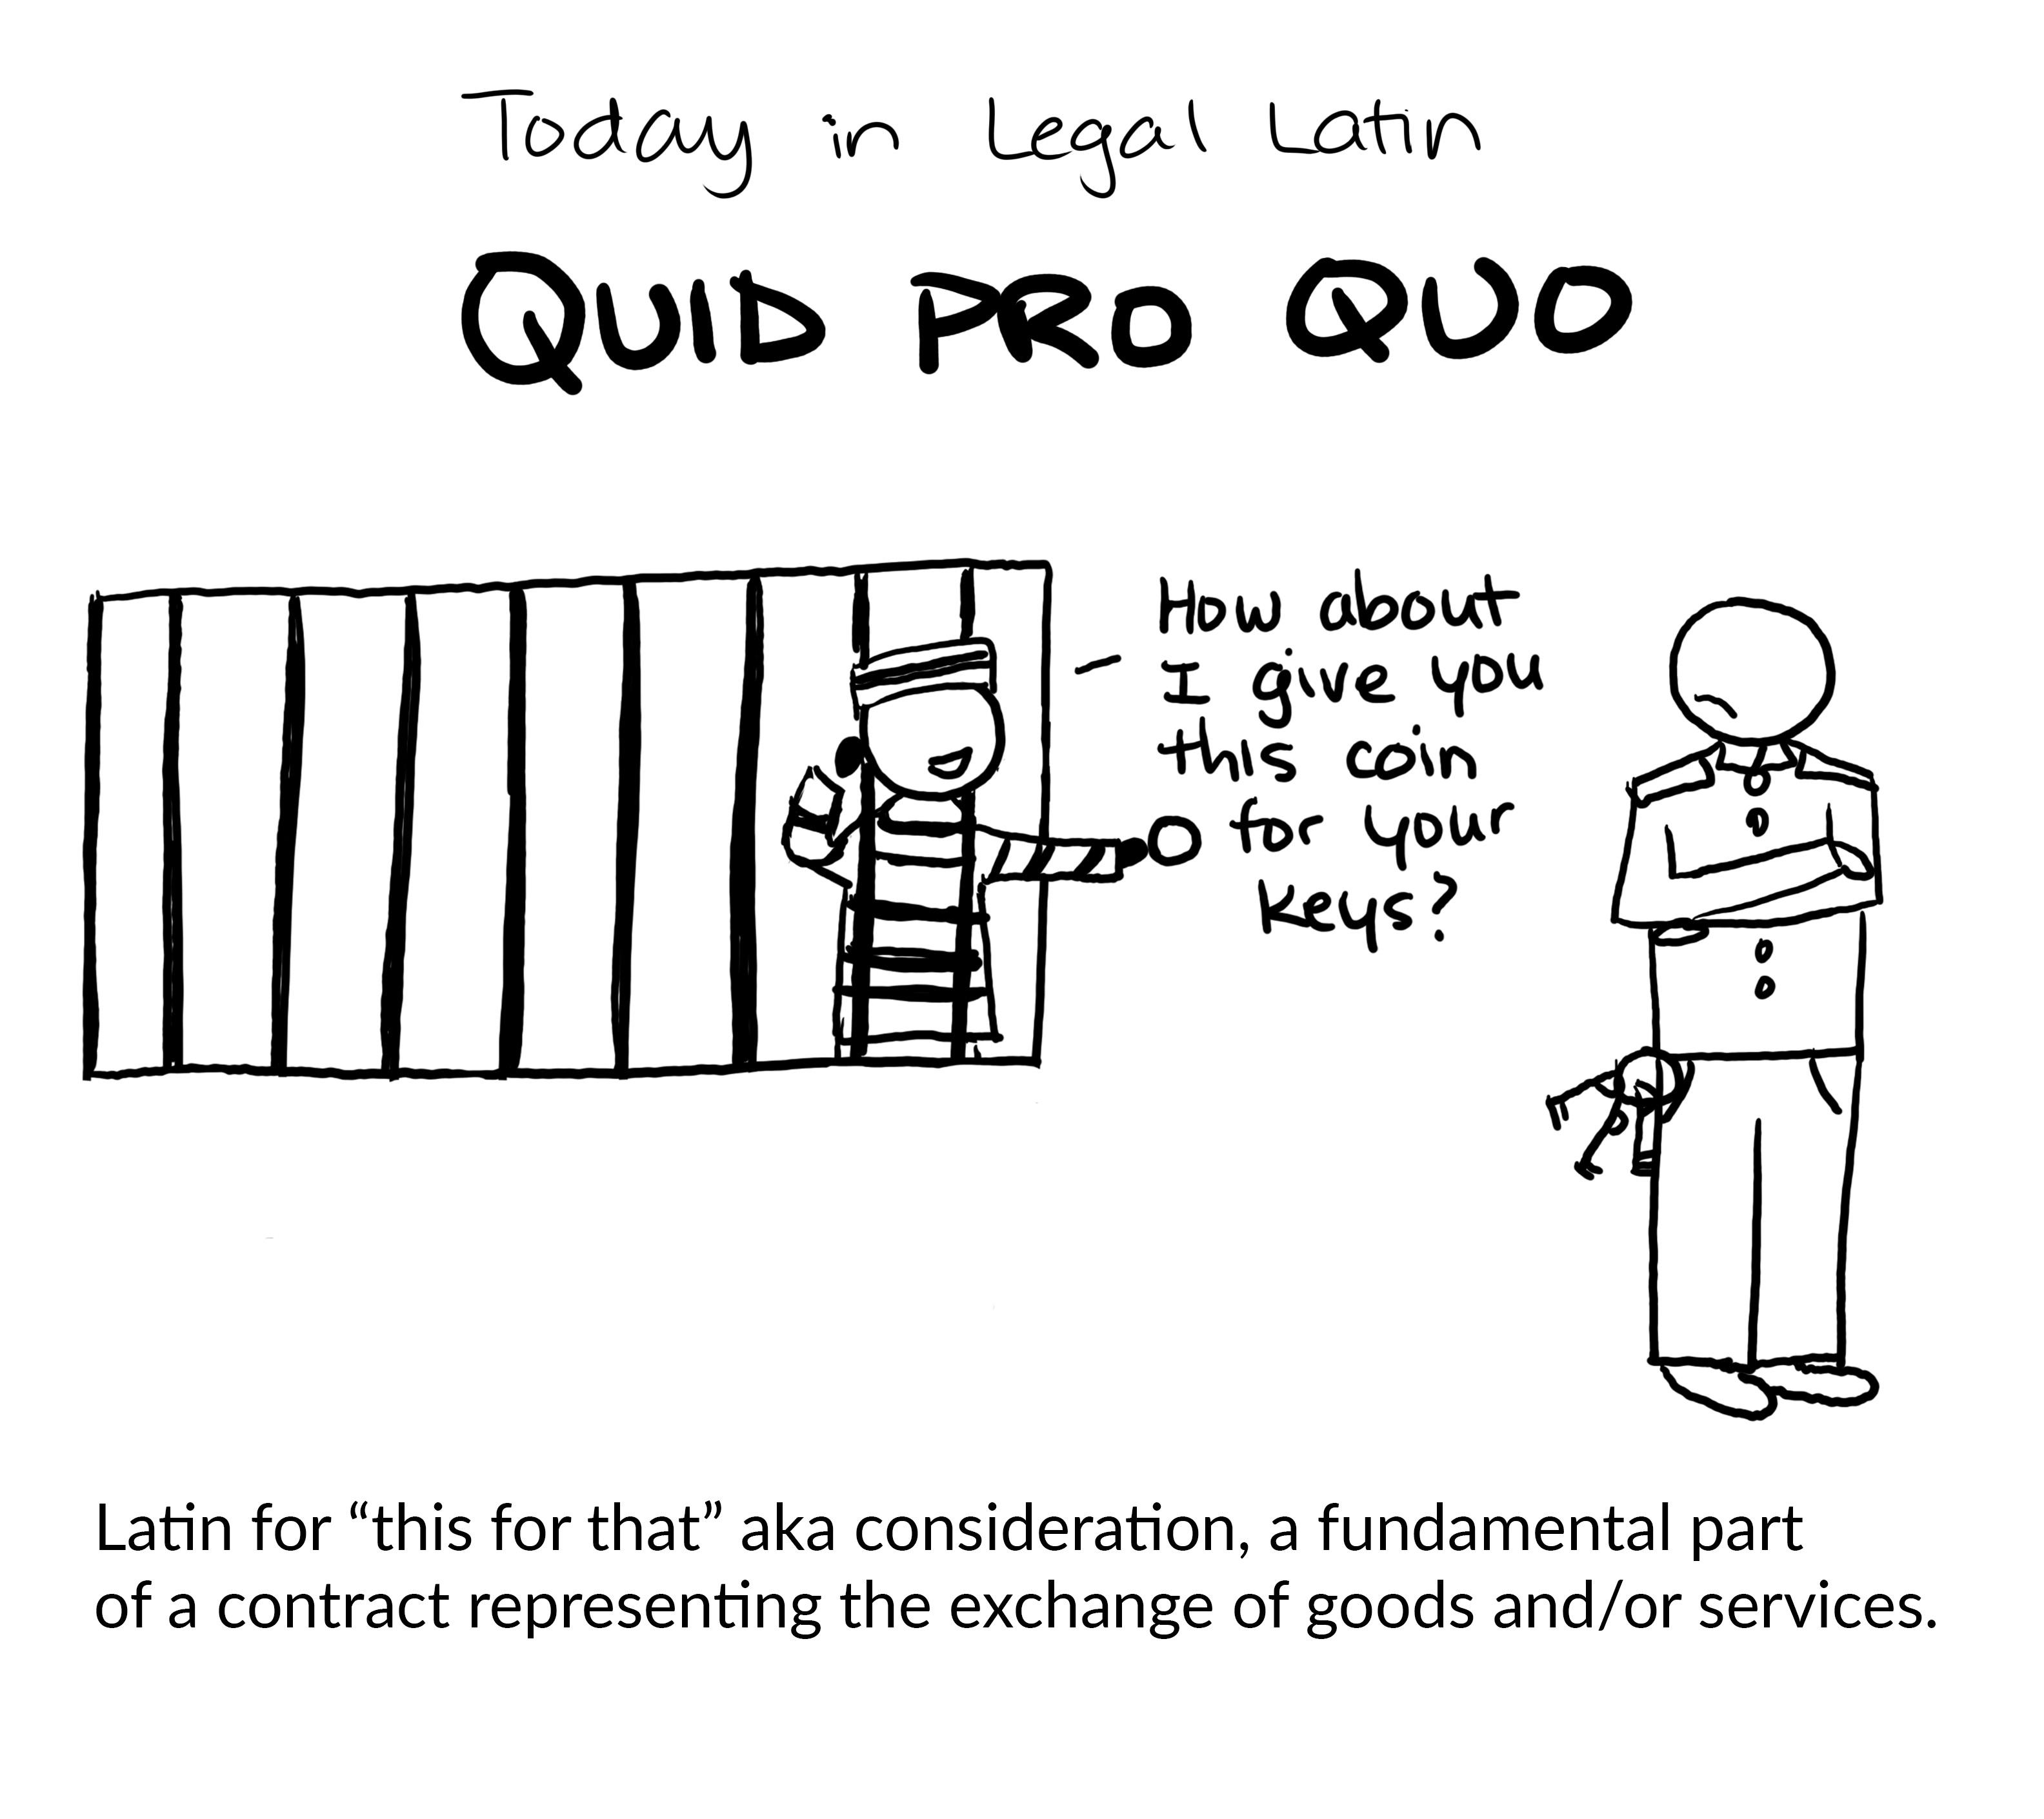 106 - Quid Pro Quo